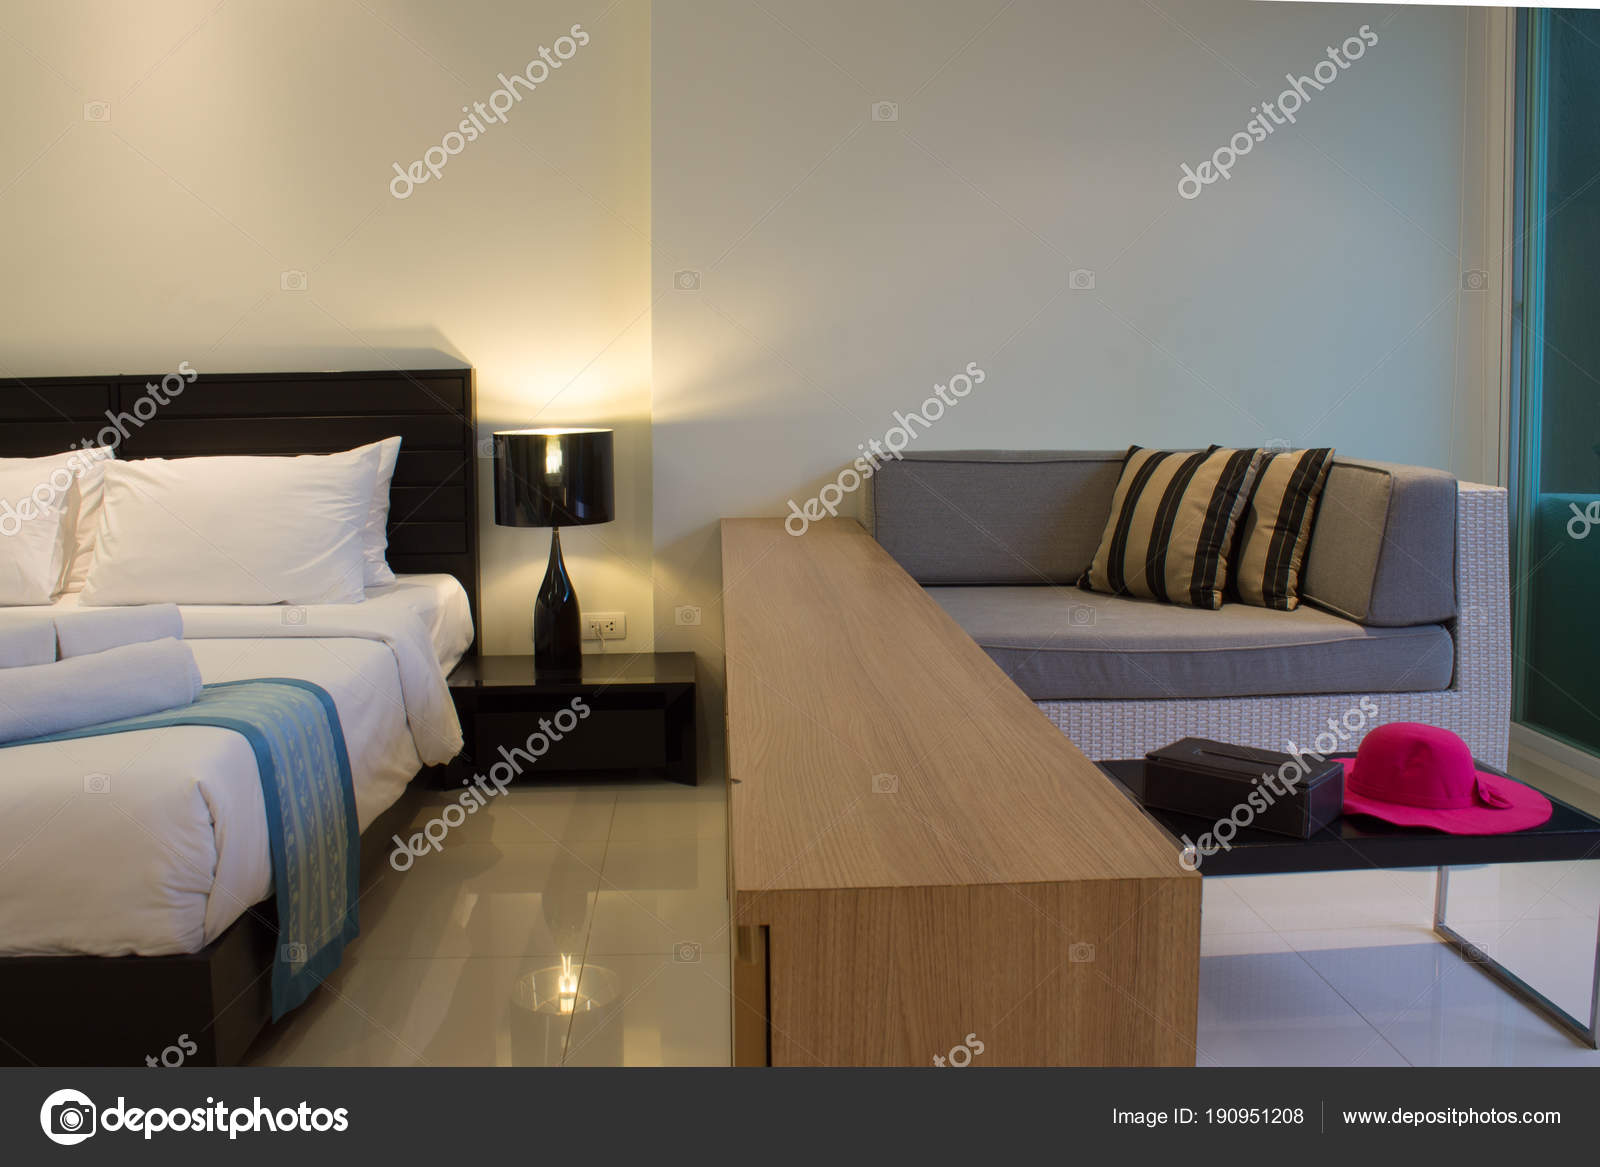 Schlafzimmer Und Wohnzimmer Raum Dekoration Pool Zugang Gemütliche ...